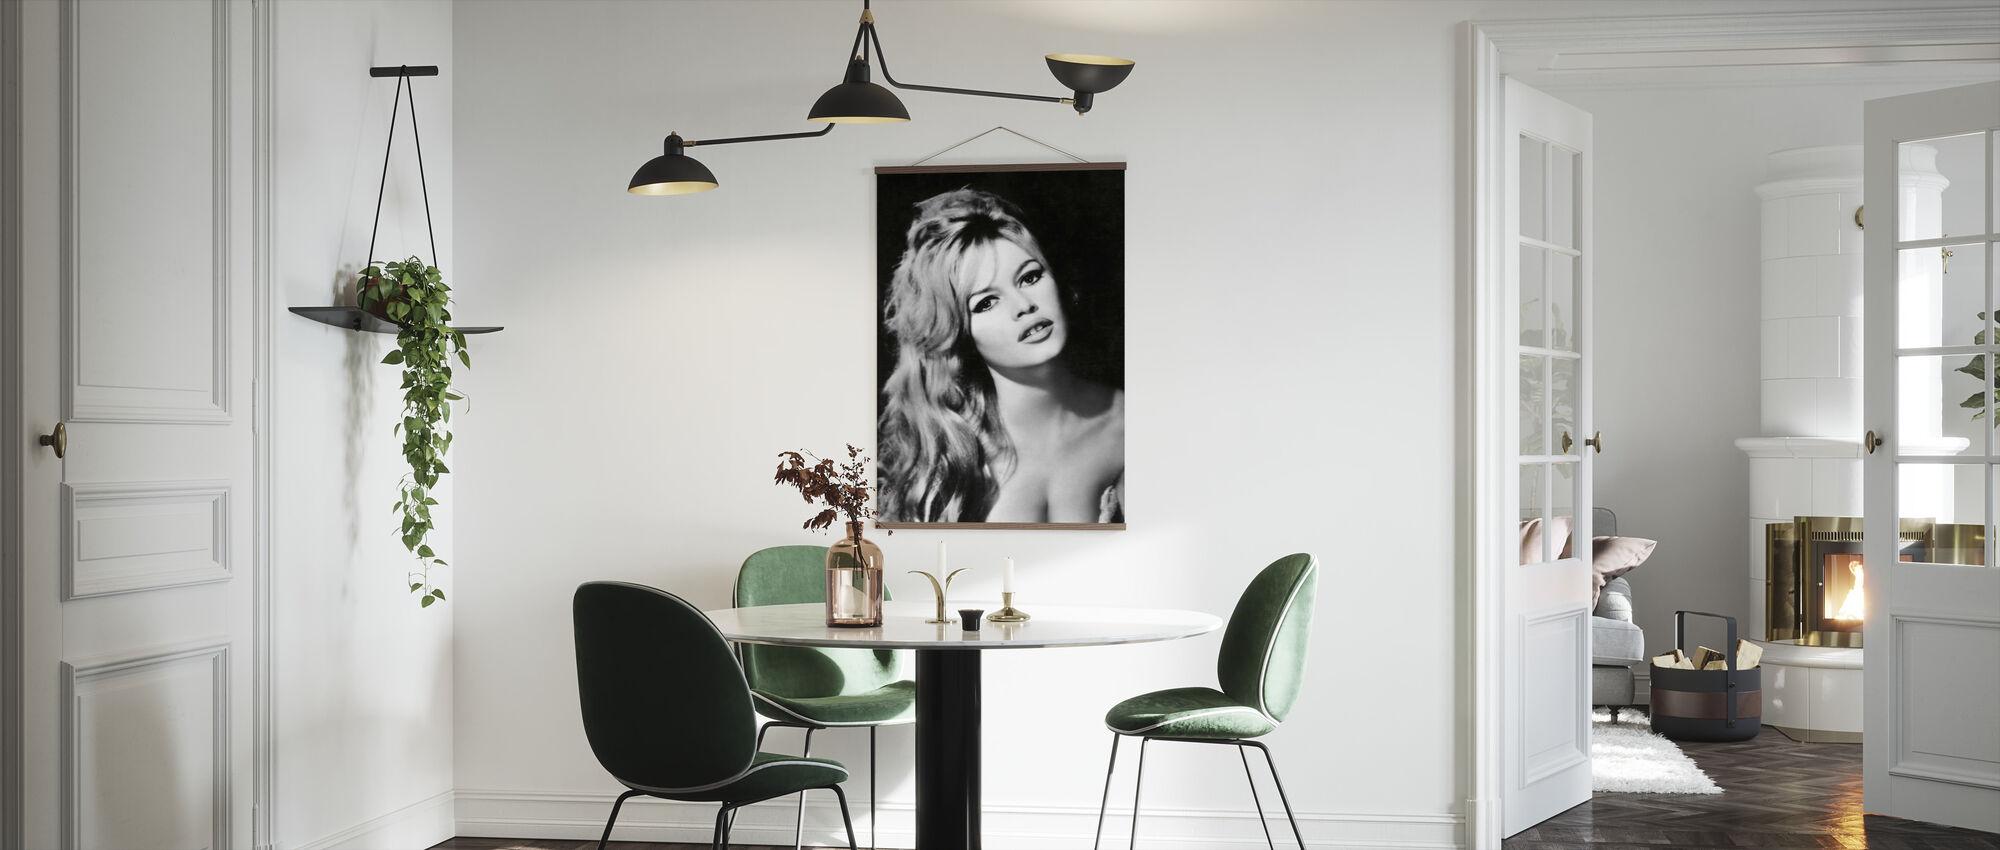 Brigitte Bardot in Contempt - Poster - Kitchen